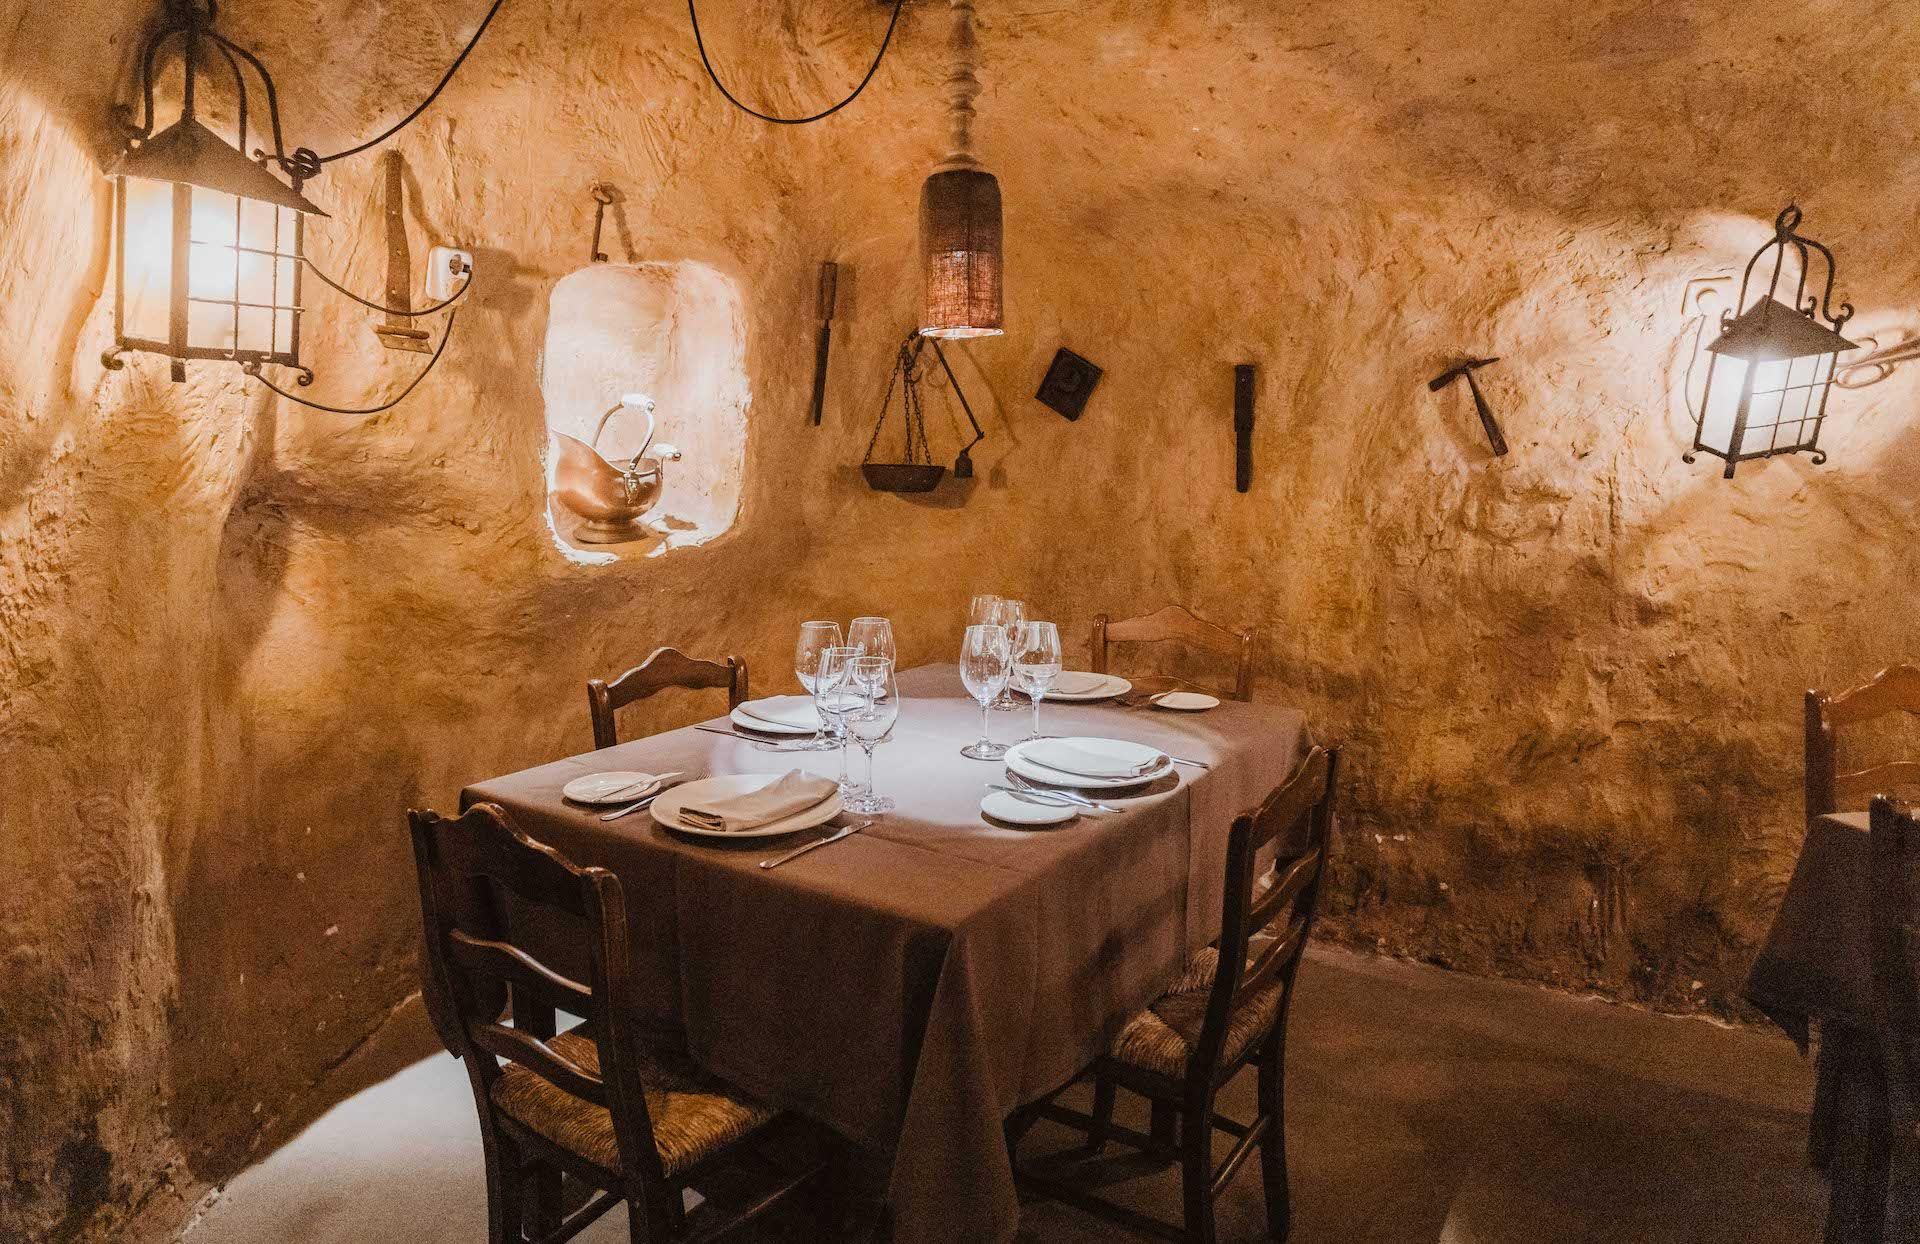 https://restauranteciudadela.com/resources/home/ciudadela00025.jpg